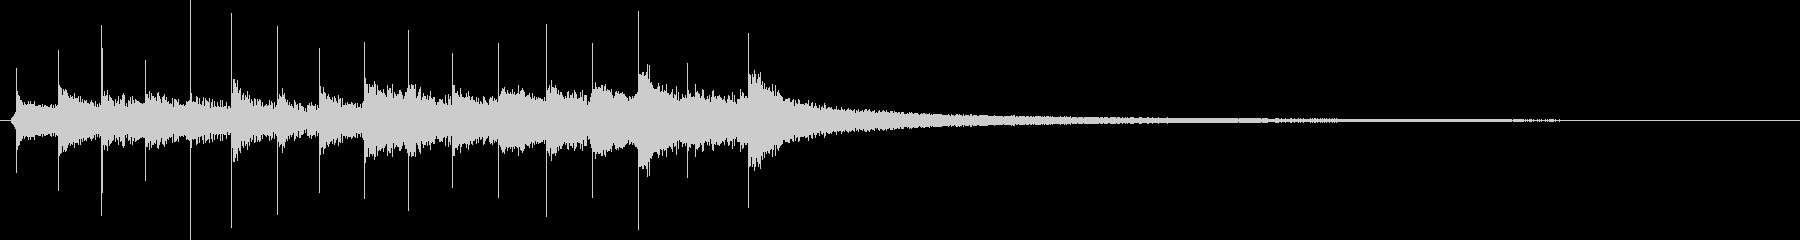 漫画のアクセント:サスペンス、ロン...の未再生の波形